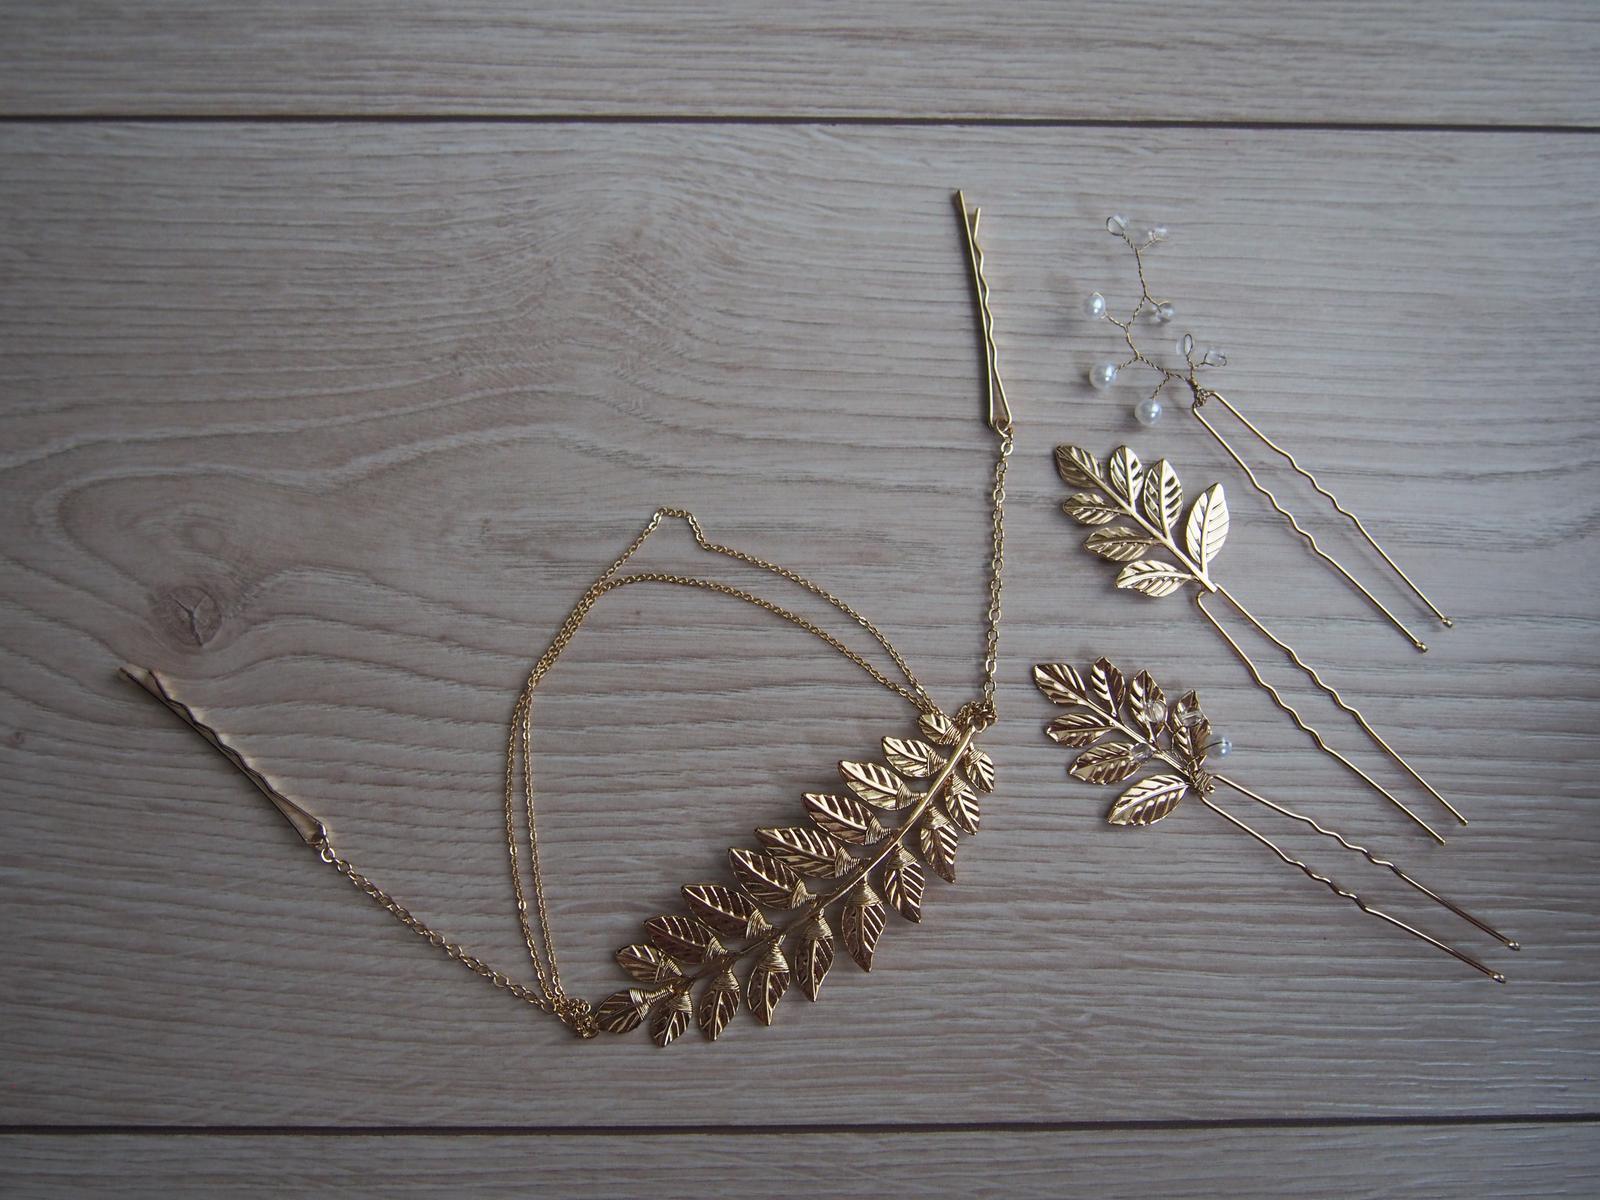 Zlaté dekorace do vlasů s motivem lístků - Obrázek č. 1